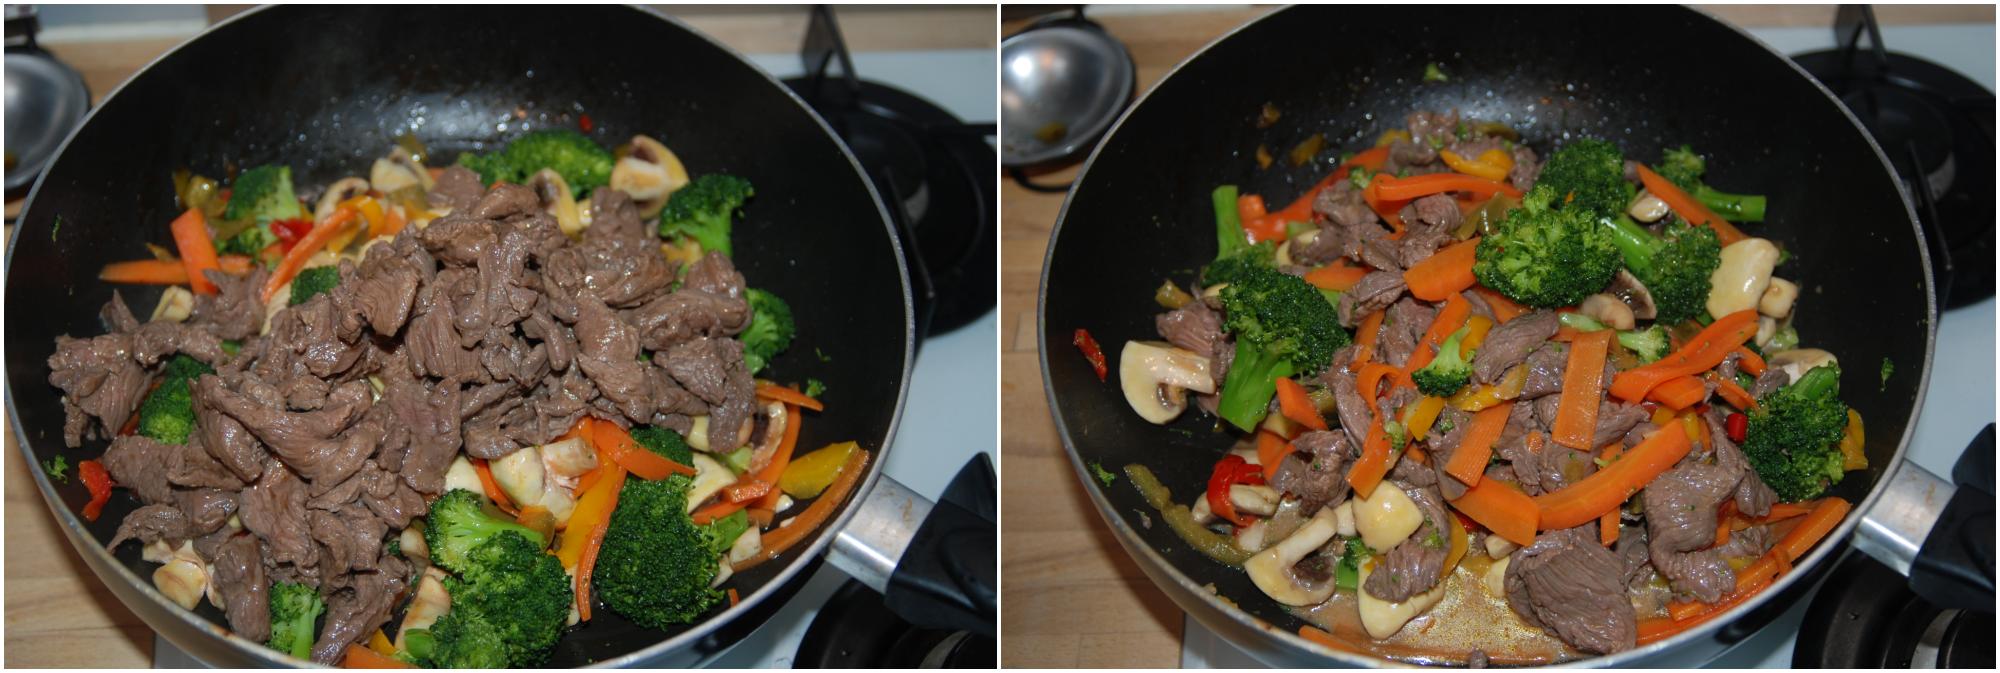 Bœuf sauté aux nouilles et légumes croquants